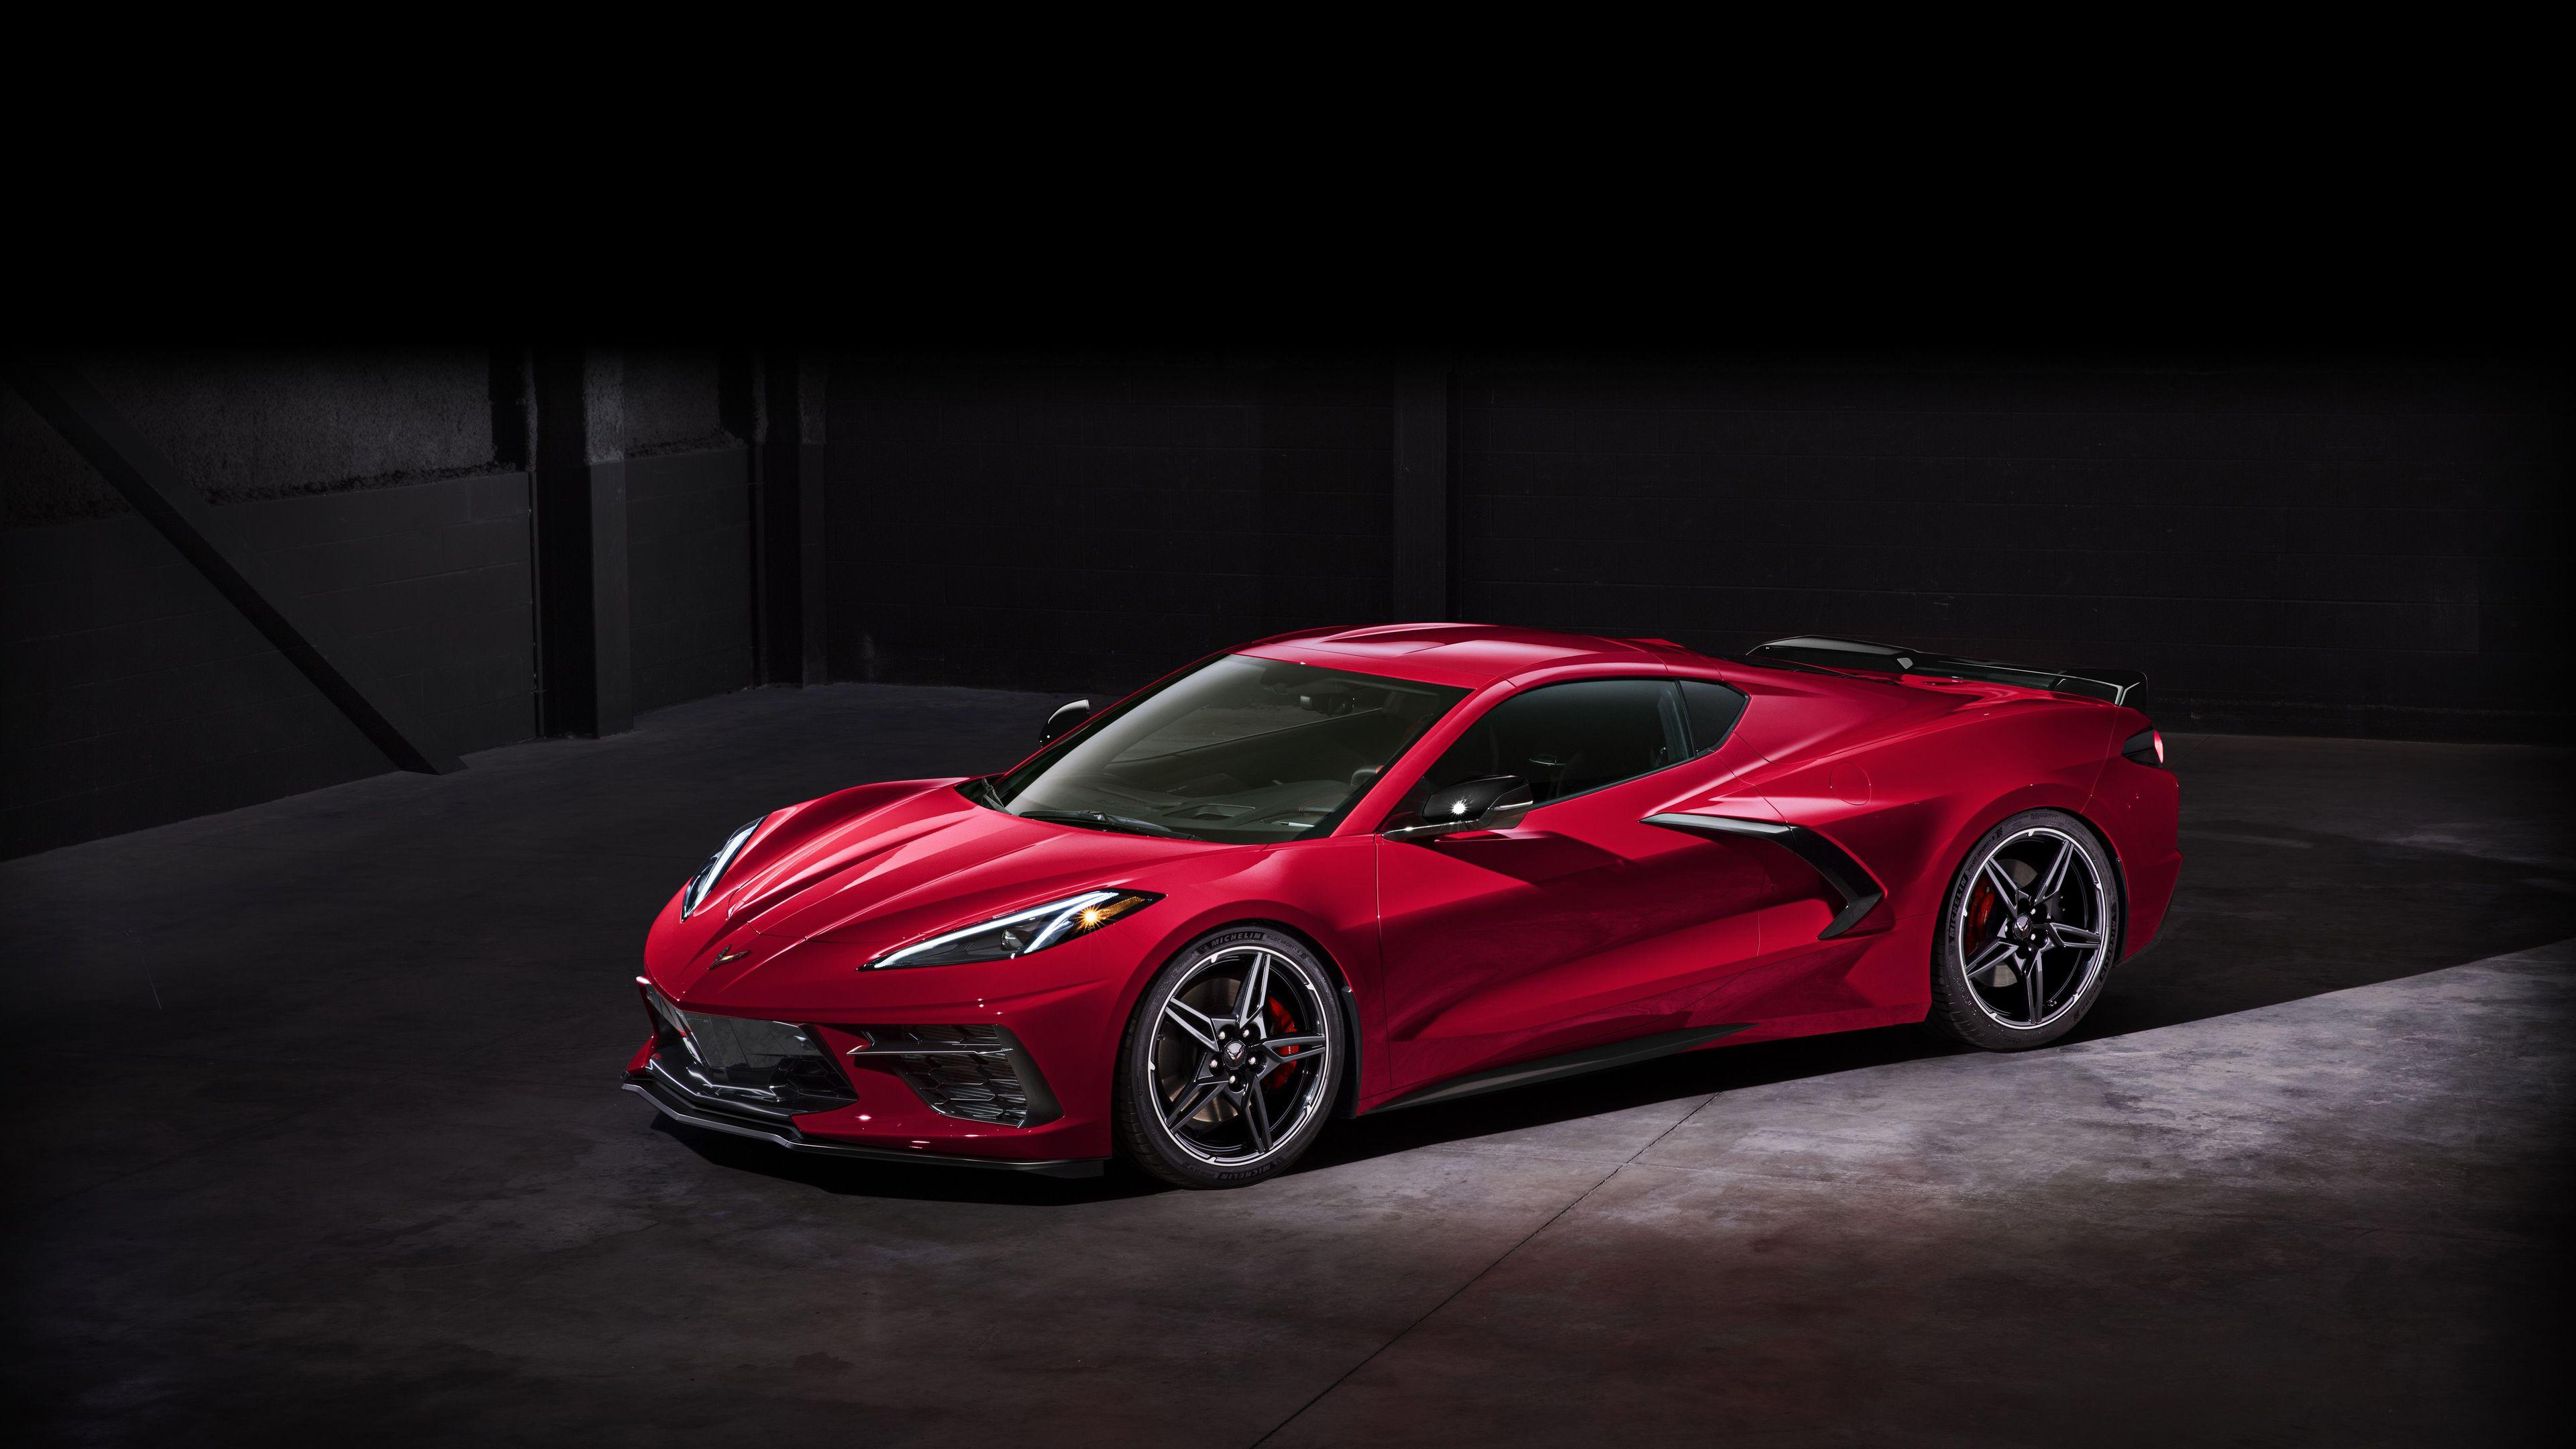 2020 chevry corvette stingray c8 1565054942 - 2020 Chevry Corvette Stingray C8 - hd-wallpapers, corvette wallpapers, chevrolet wallpapers, chevrolet corvette stingray c8 wallpapers, cars wallpapers, 8k wallpapers, 5k wallpapers, 4k-wallpapers, 2020 cars wallpapers